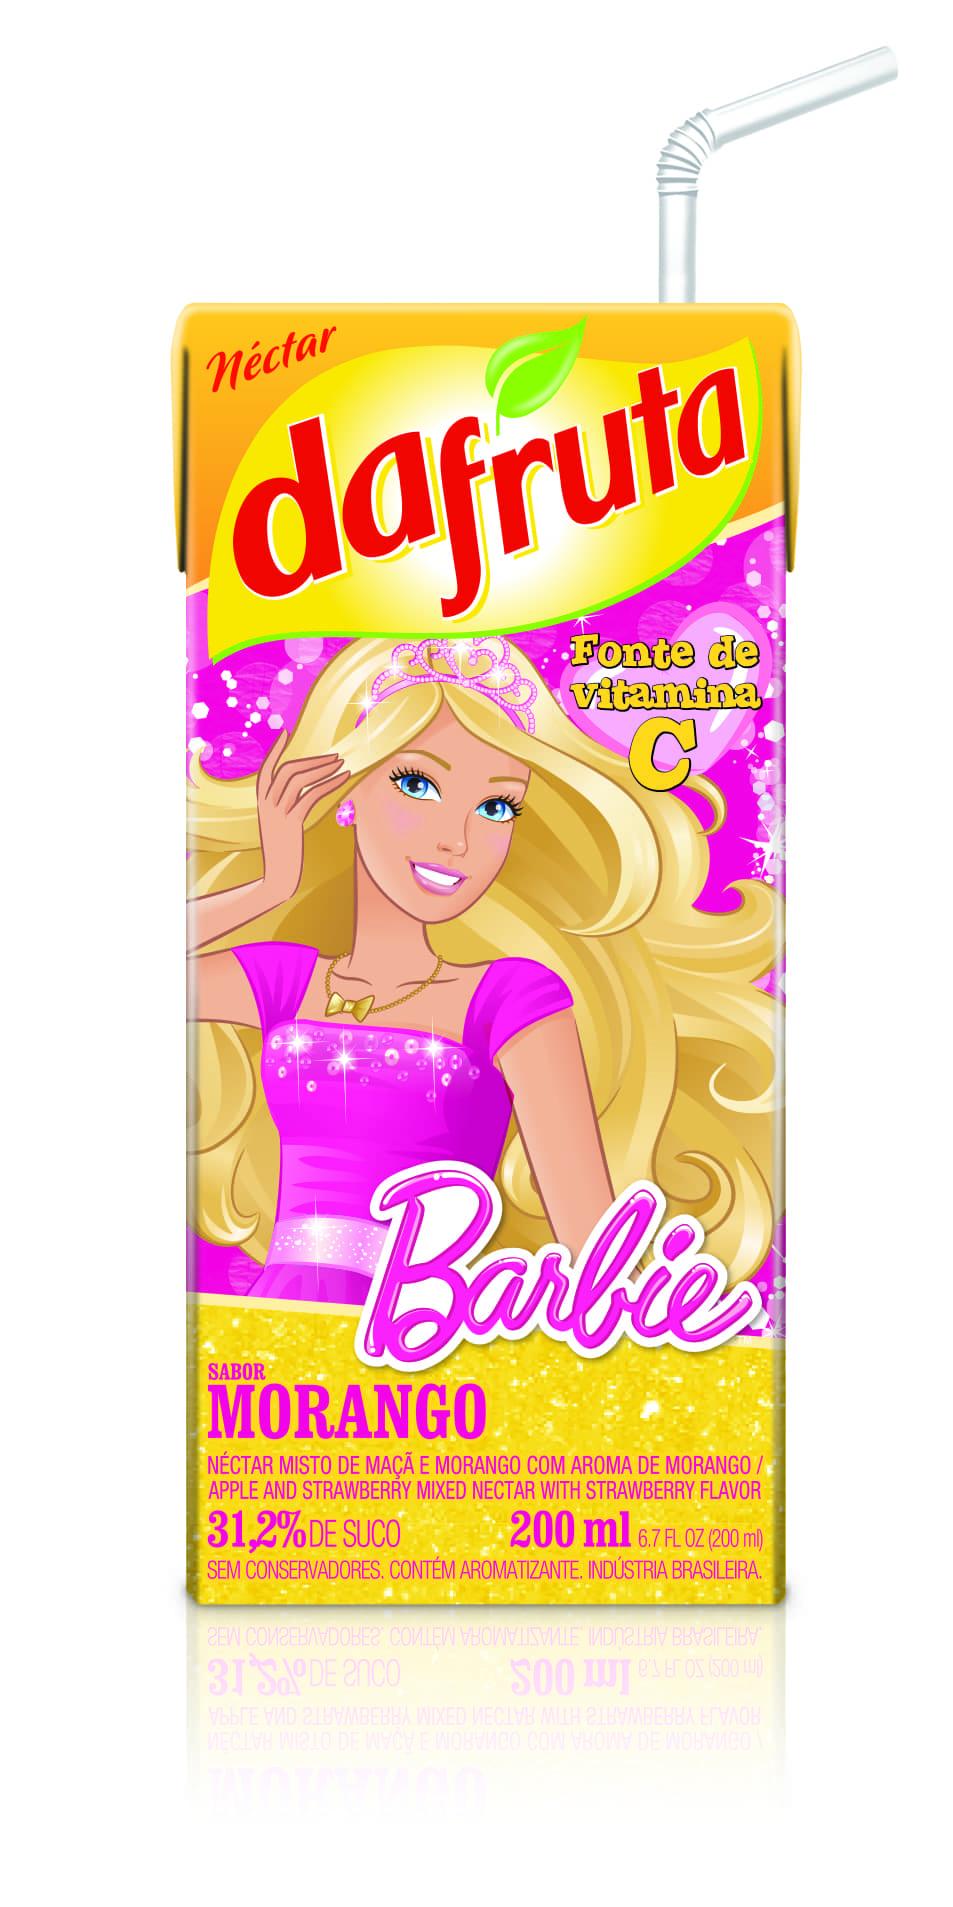 Dafruta-Barbie-Morango-200ml